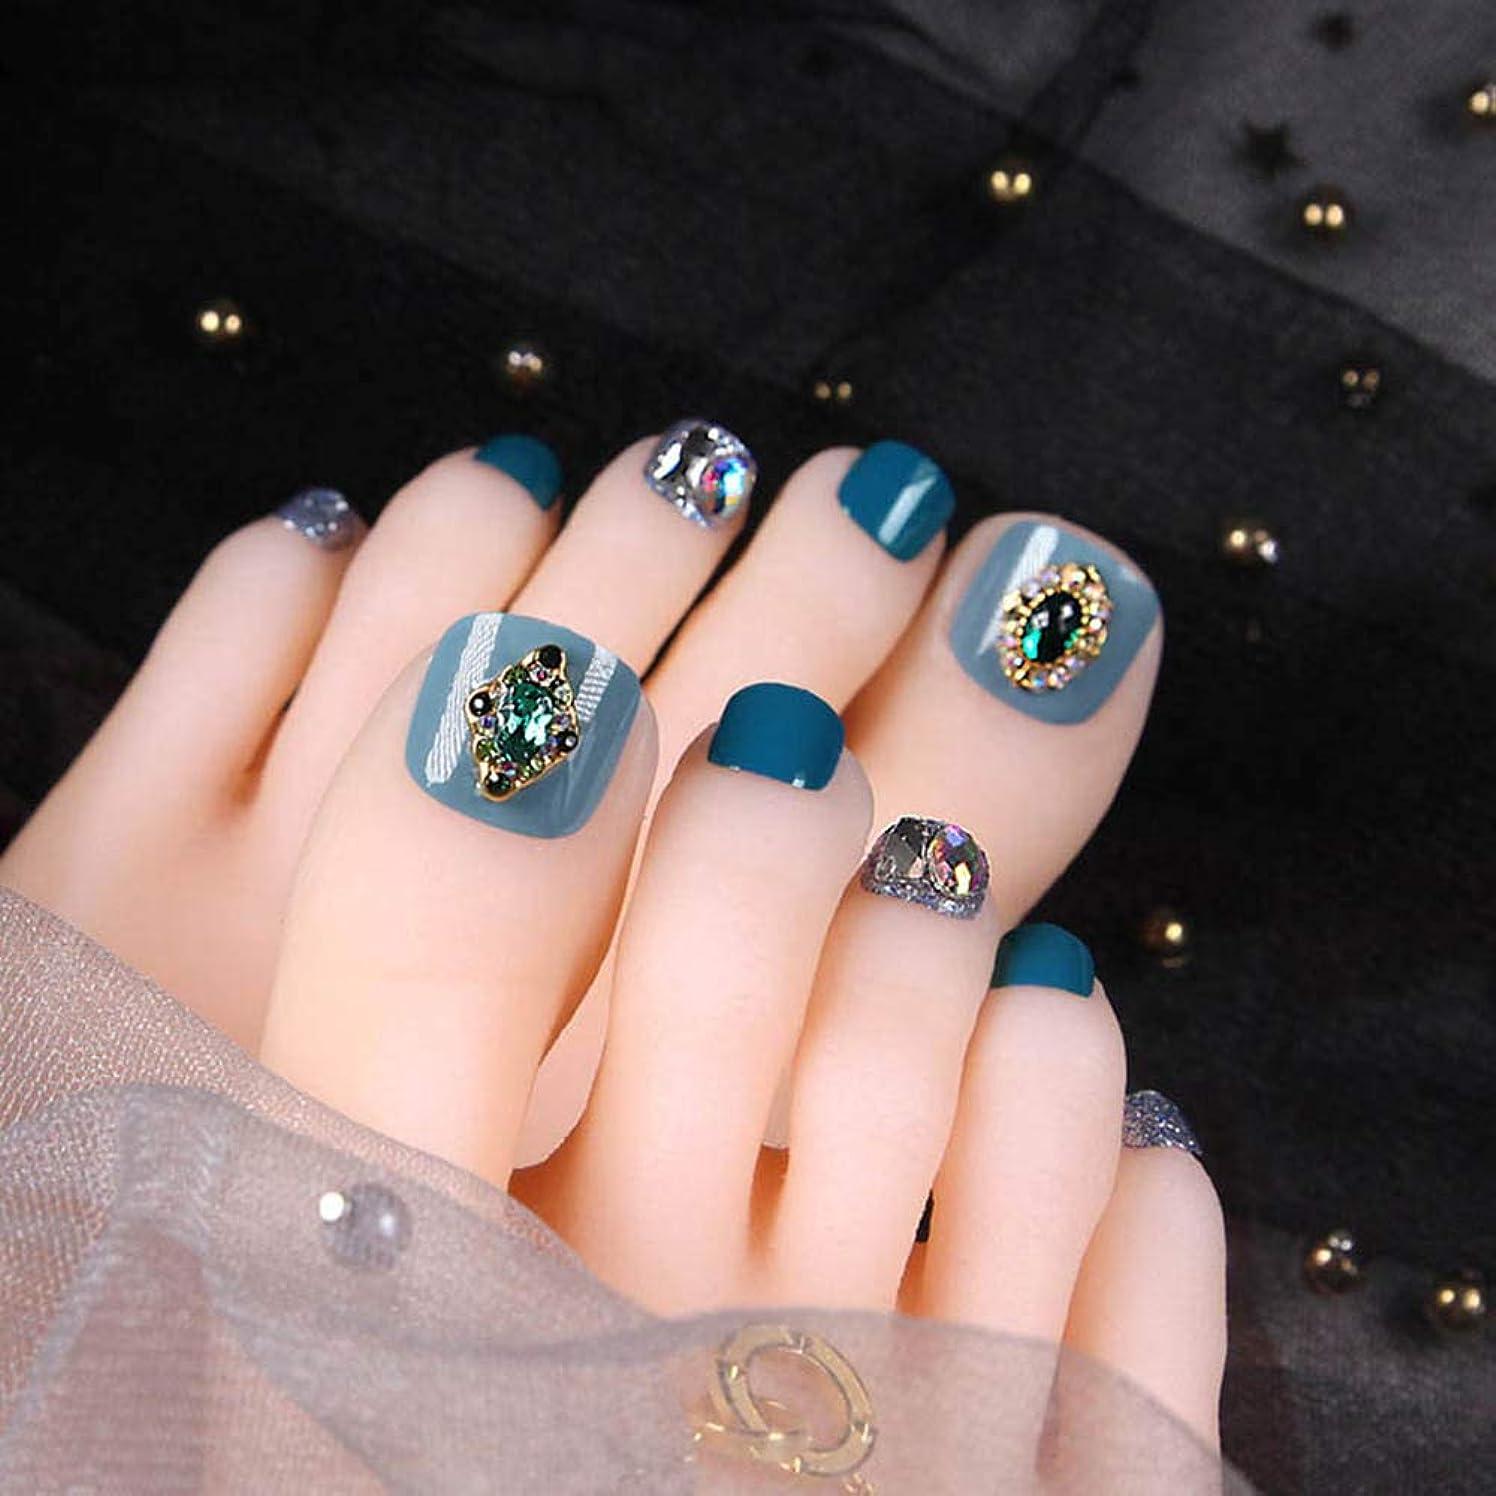 バーマド結婚シートXUTXZKA 24PCSライトブルースモールフレッシュフェイクトゥネイルショートフルカバーウェアラブルデタッチャブルグリッターダイヤモンド爪